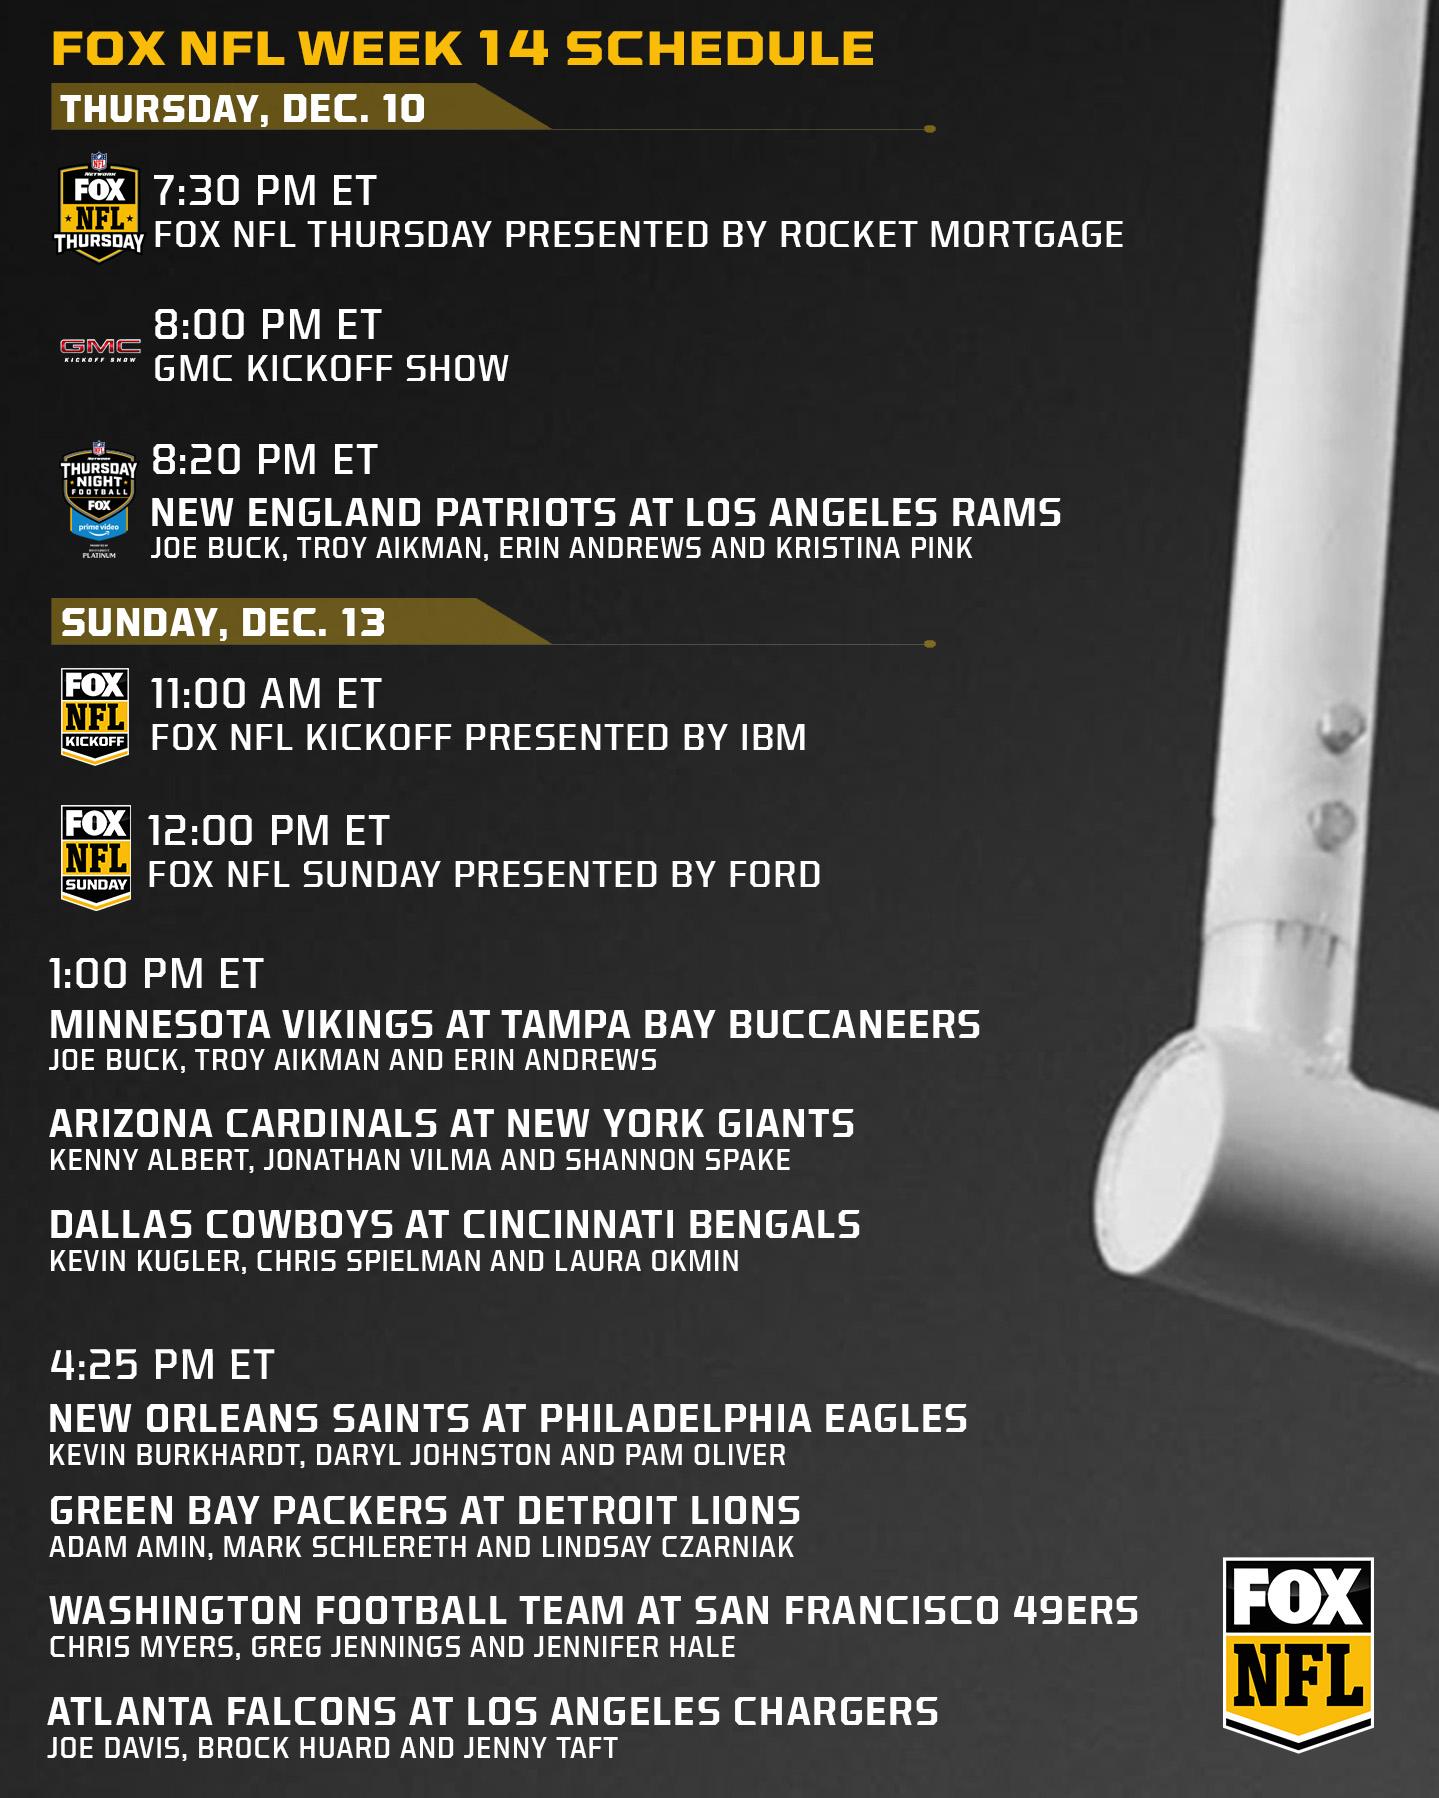 Fox Nfl Week 14 Schedule And Regionalization Fox Sports Presspass